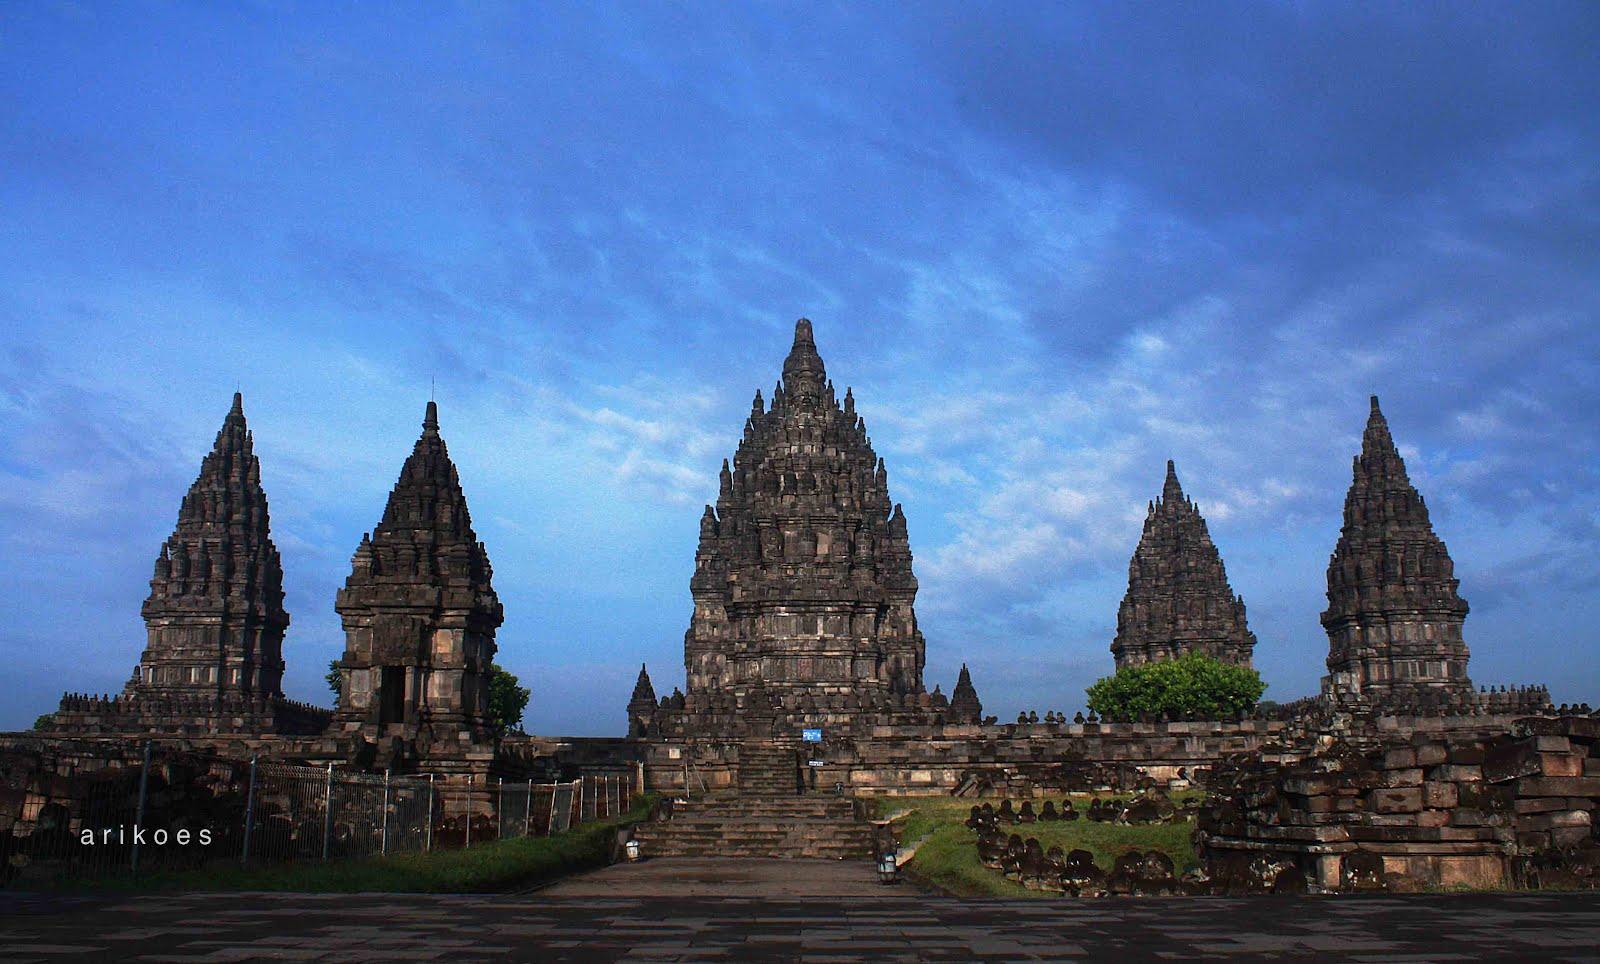 Gambar Candi Borobudur Hd - serat